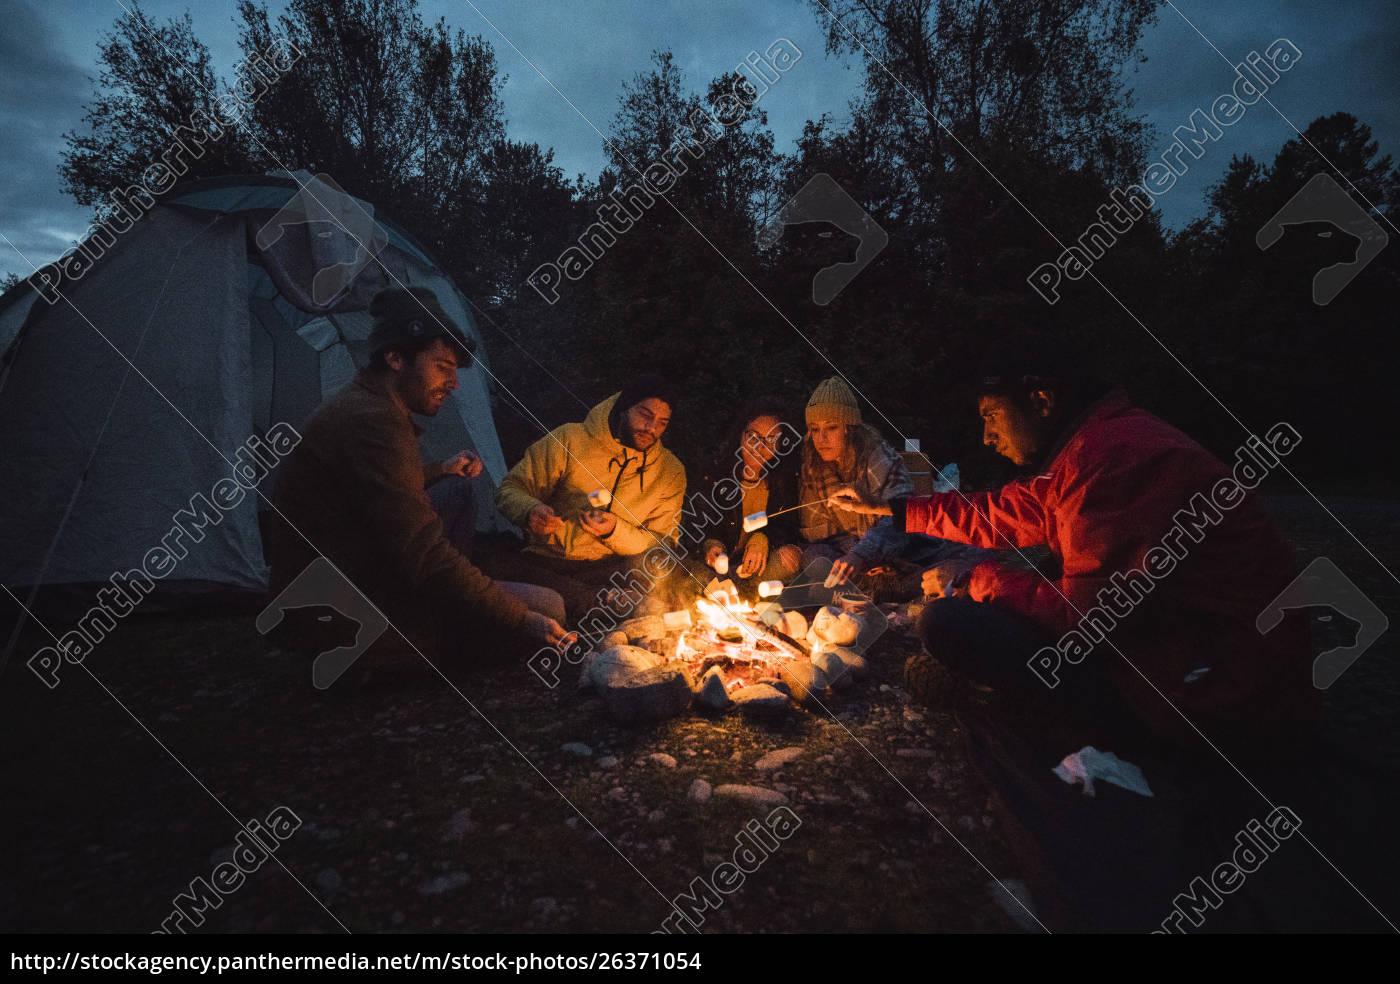 gruppe, von, freunden, sitzen, am, lagerfeuer, rösten - 26371054